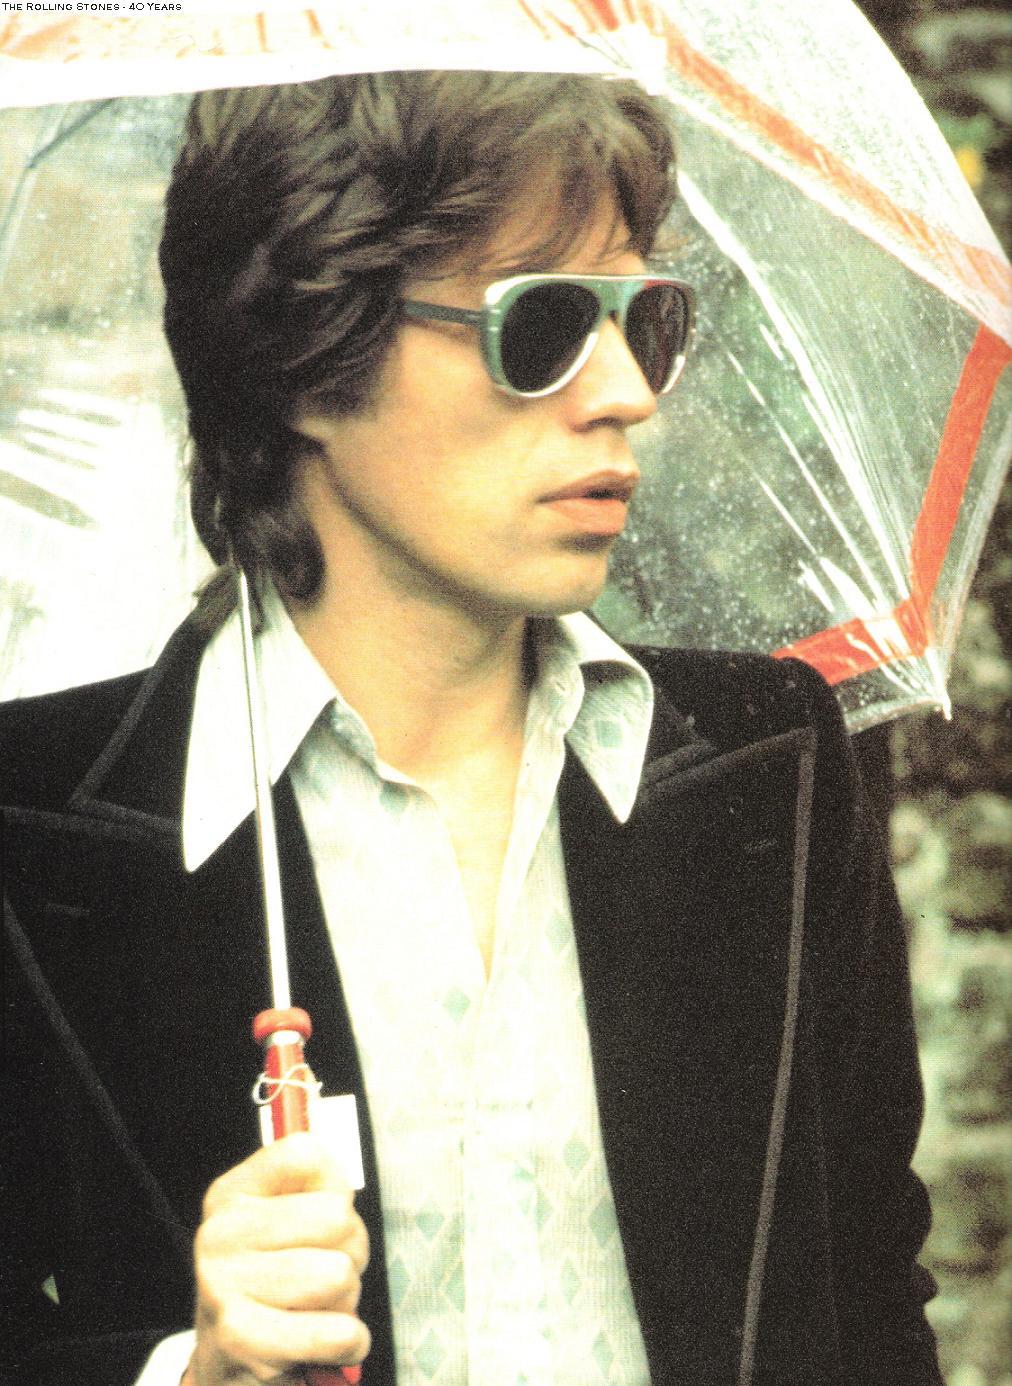 70 años de Mick Jagger